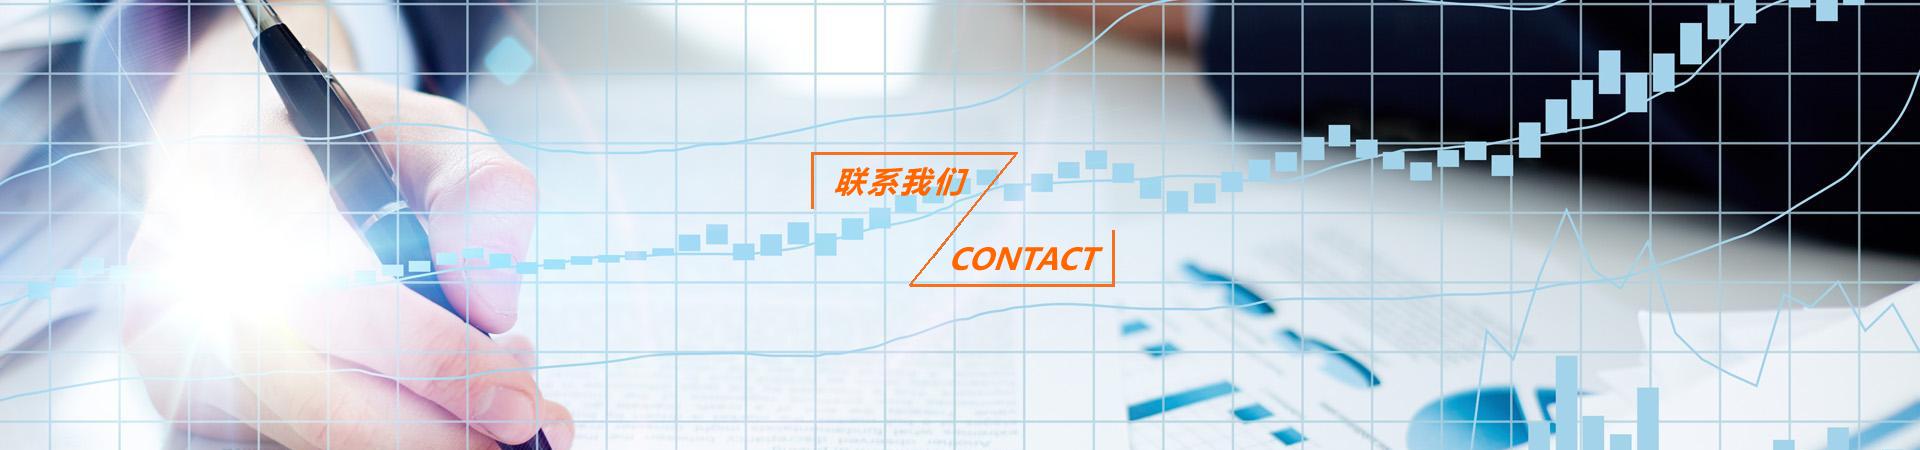 http://www.jplm.com.cn/data/upload/202102/20210218113650_230.jpg